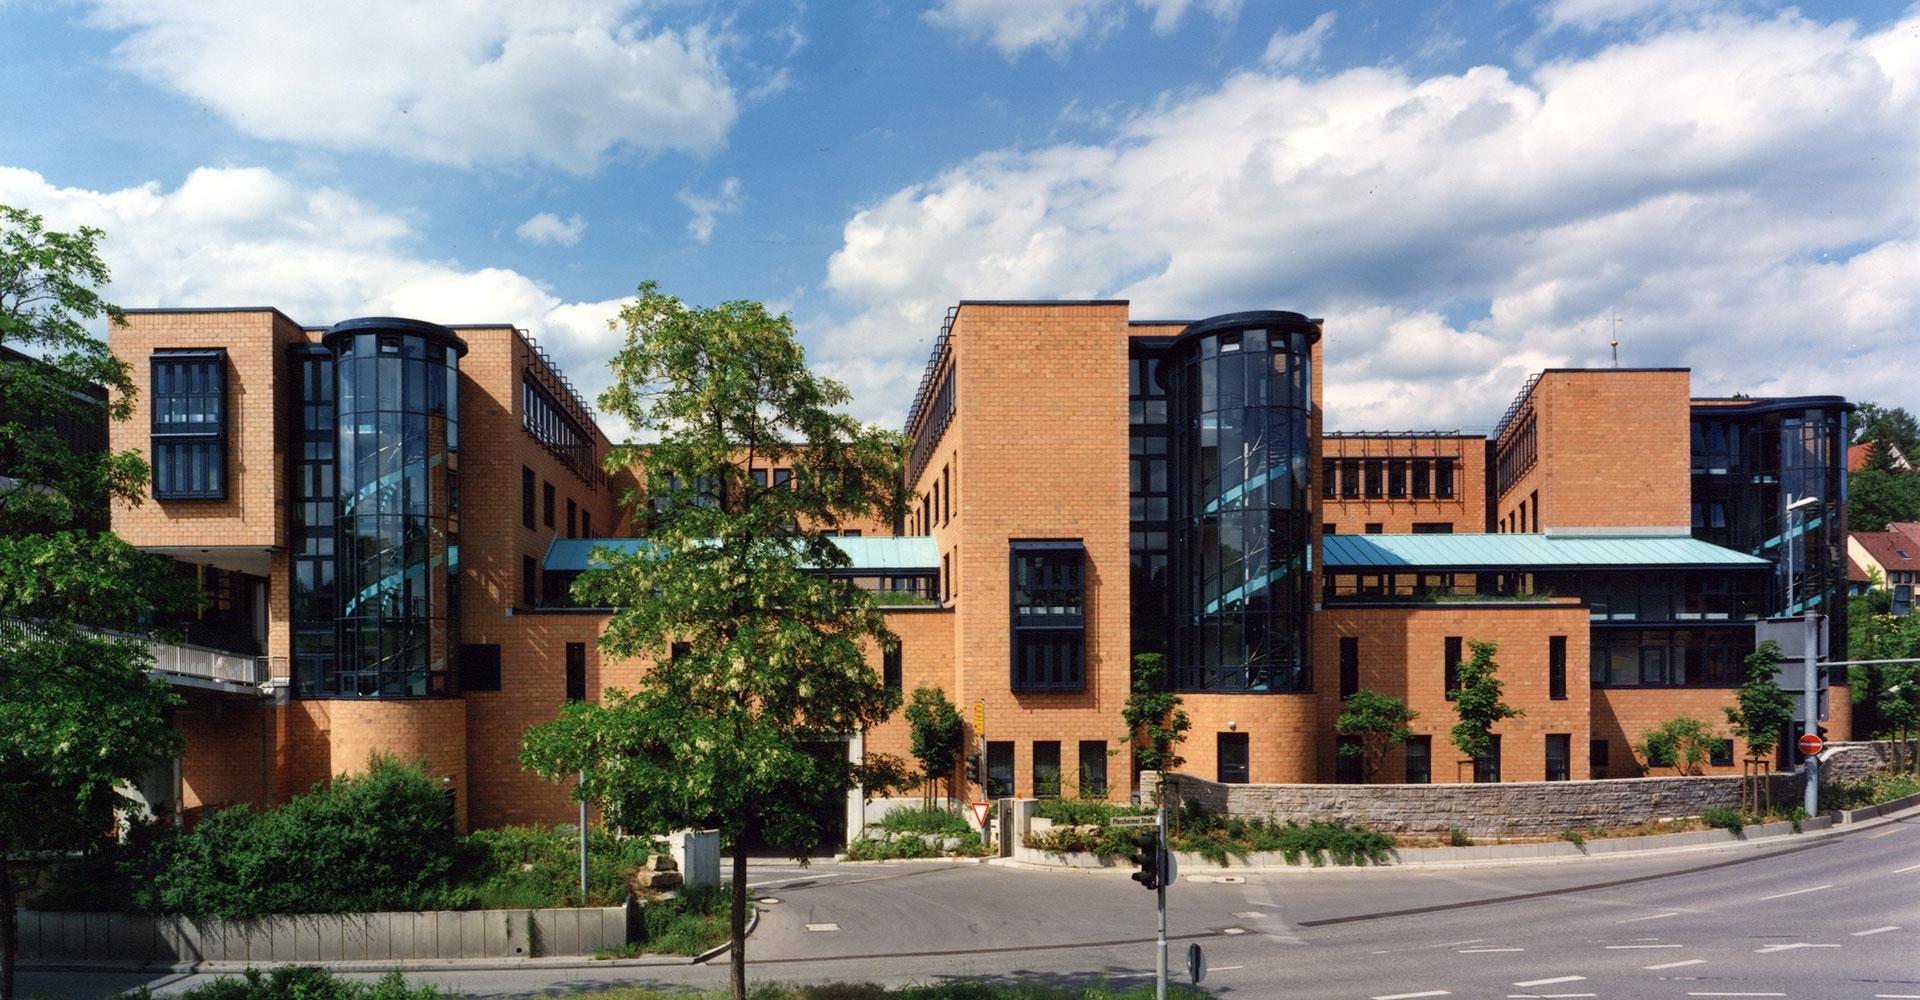 Mühlacker Rathaus